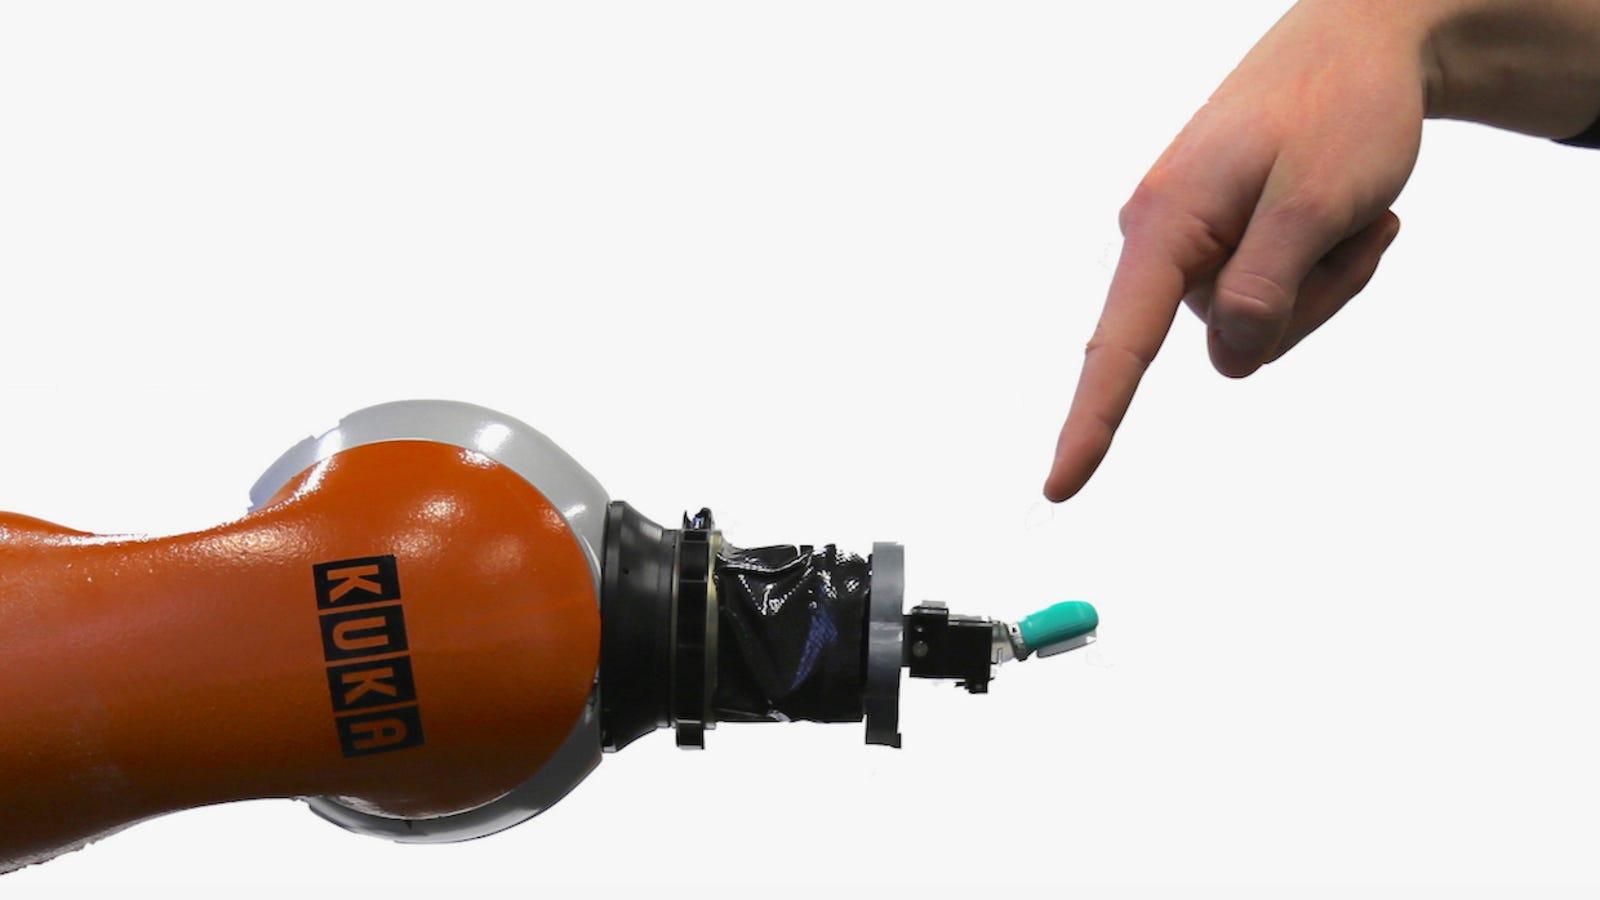 Desarrollan un sistema de nervios artificiales para que los robots puedan sentir dolor